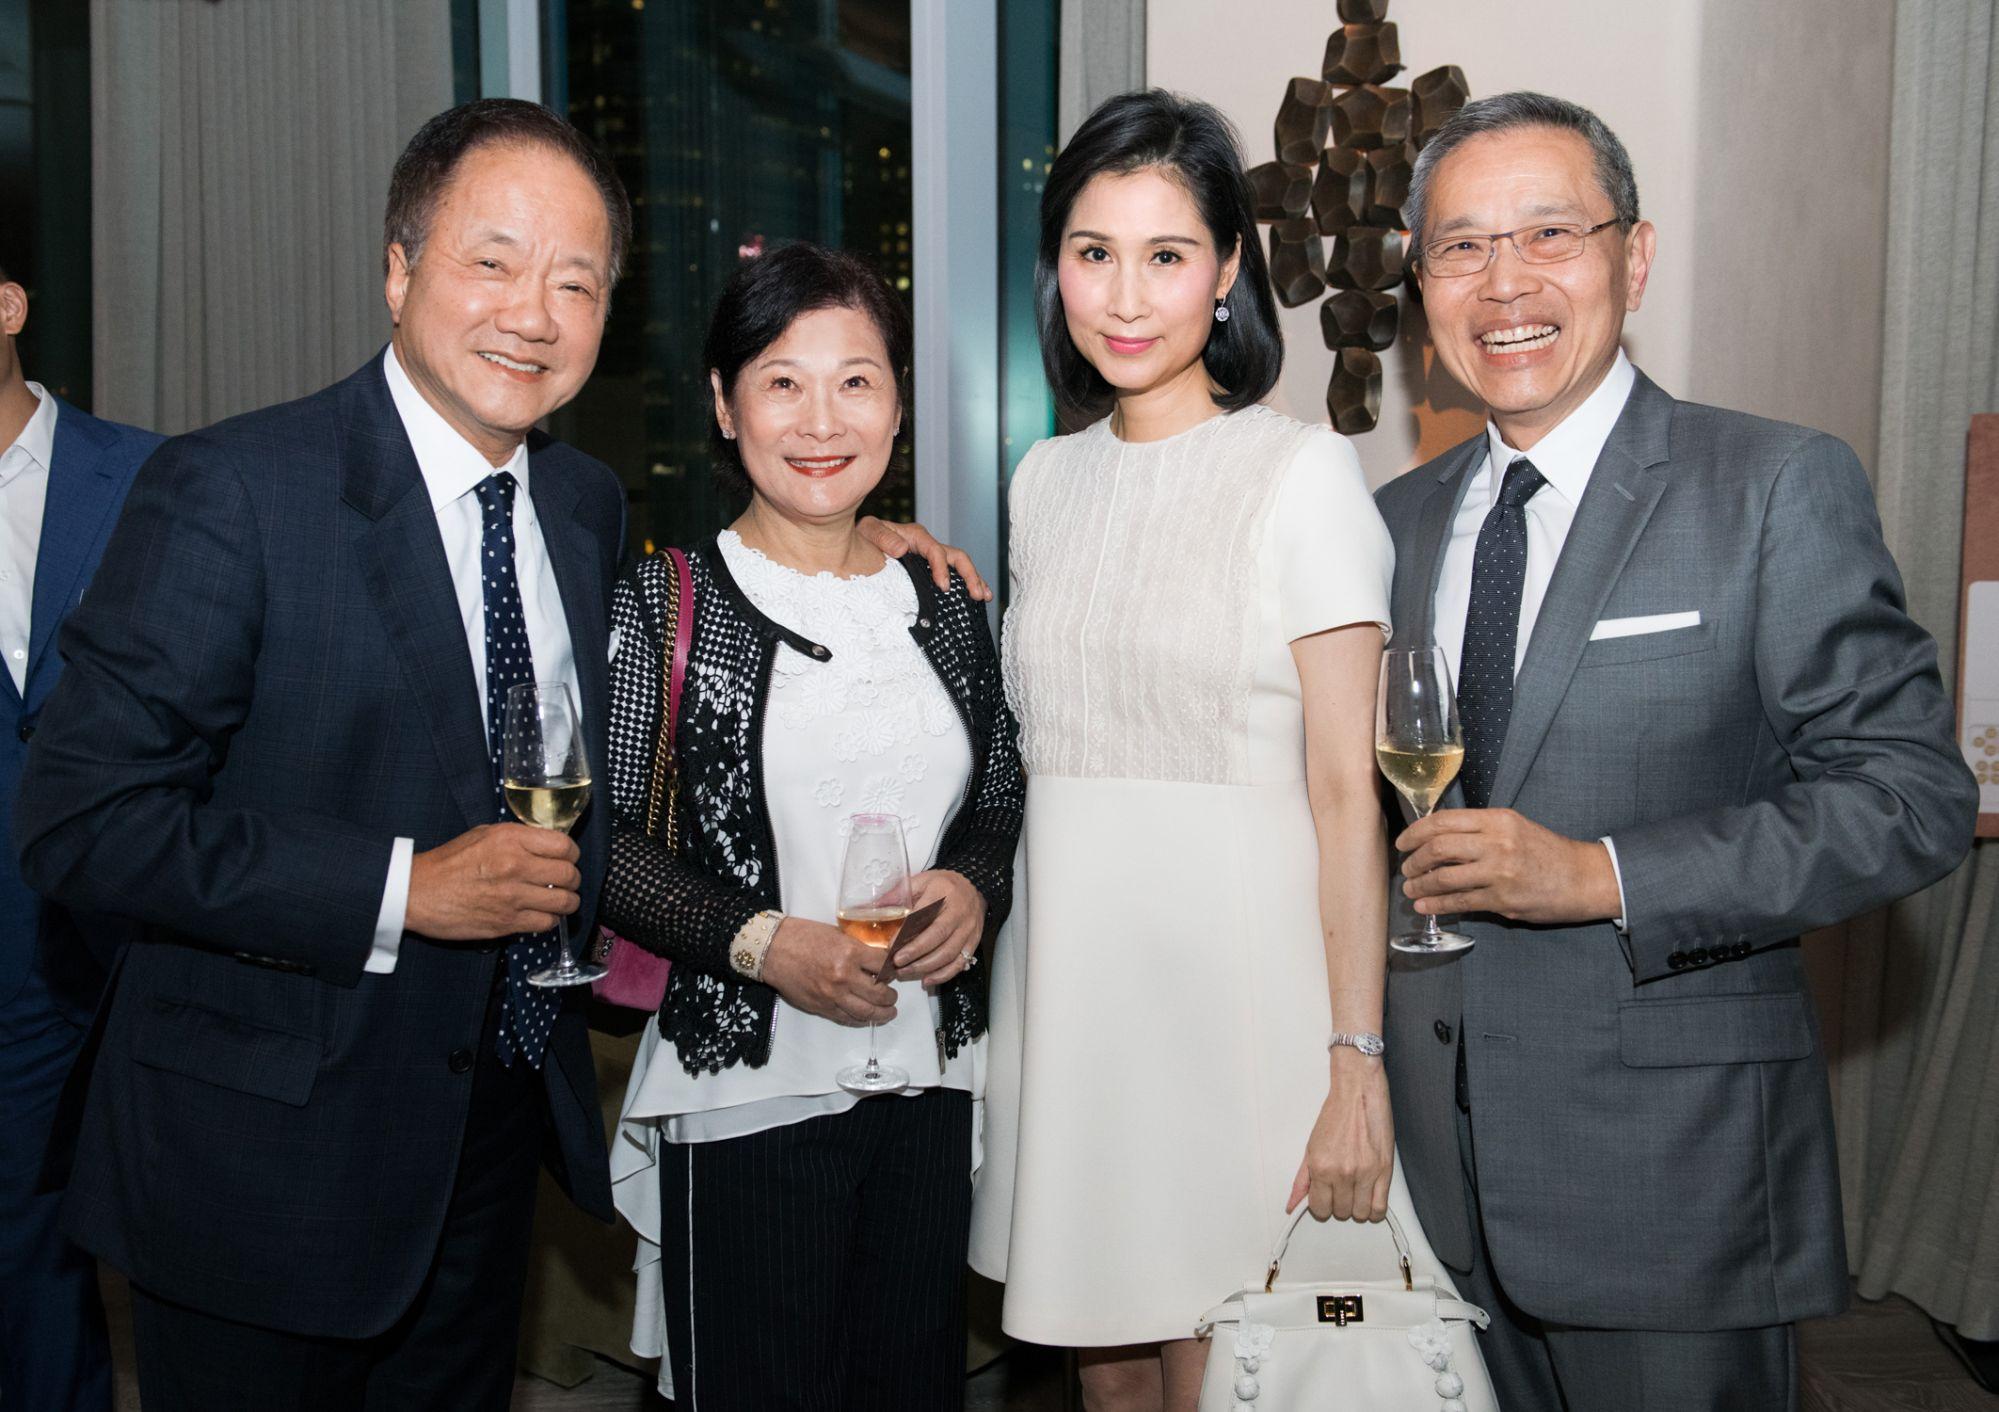 Moses Tsang, Angela Tsang, Louisa Cheng, Edward Cheng